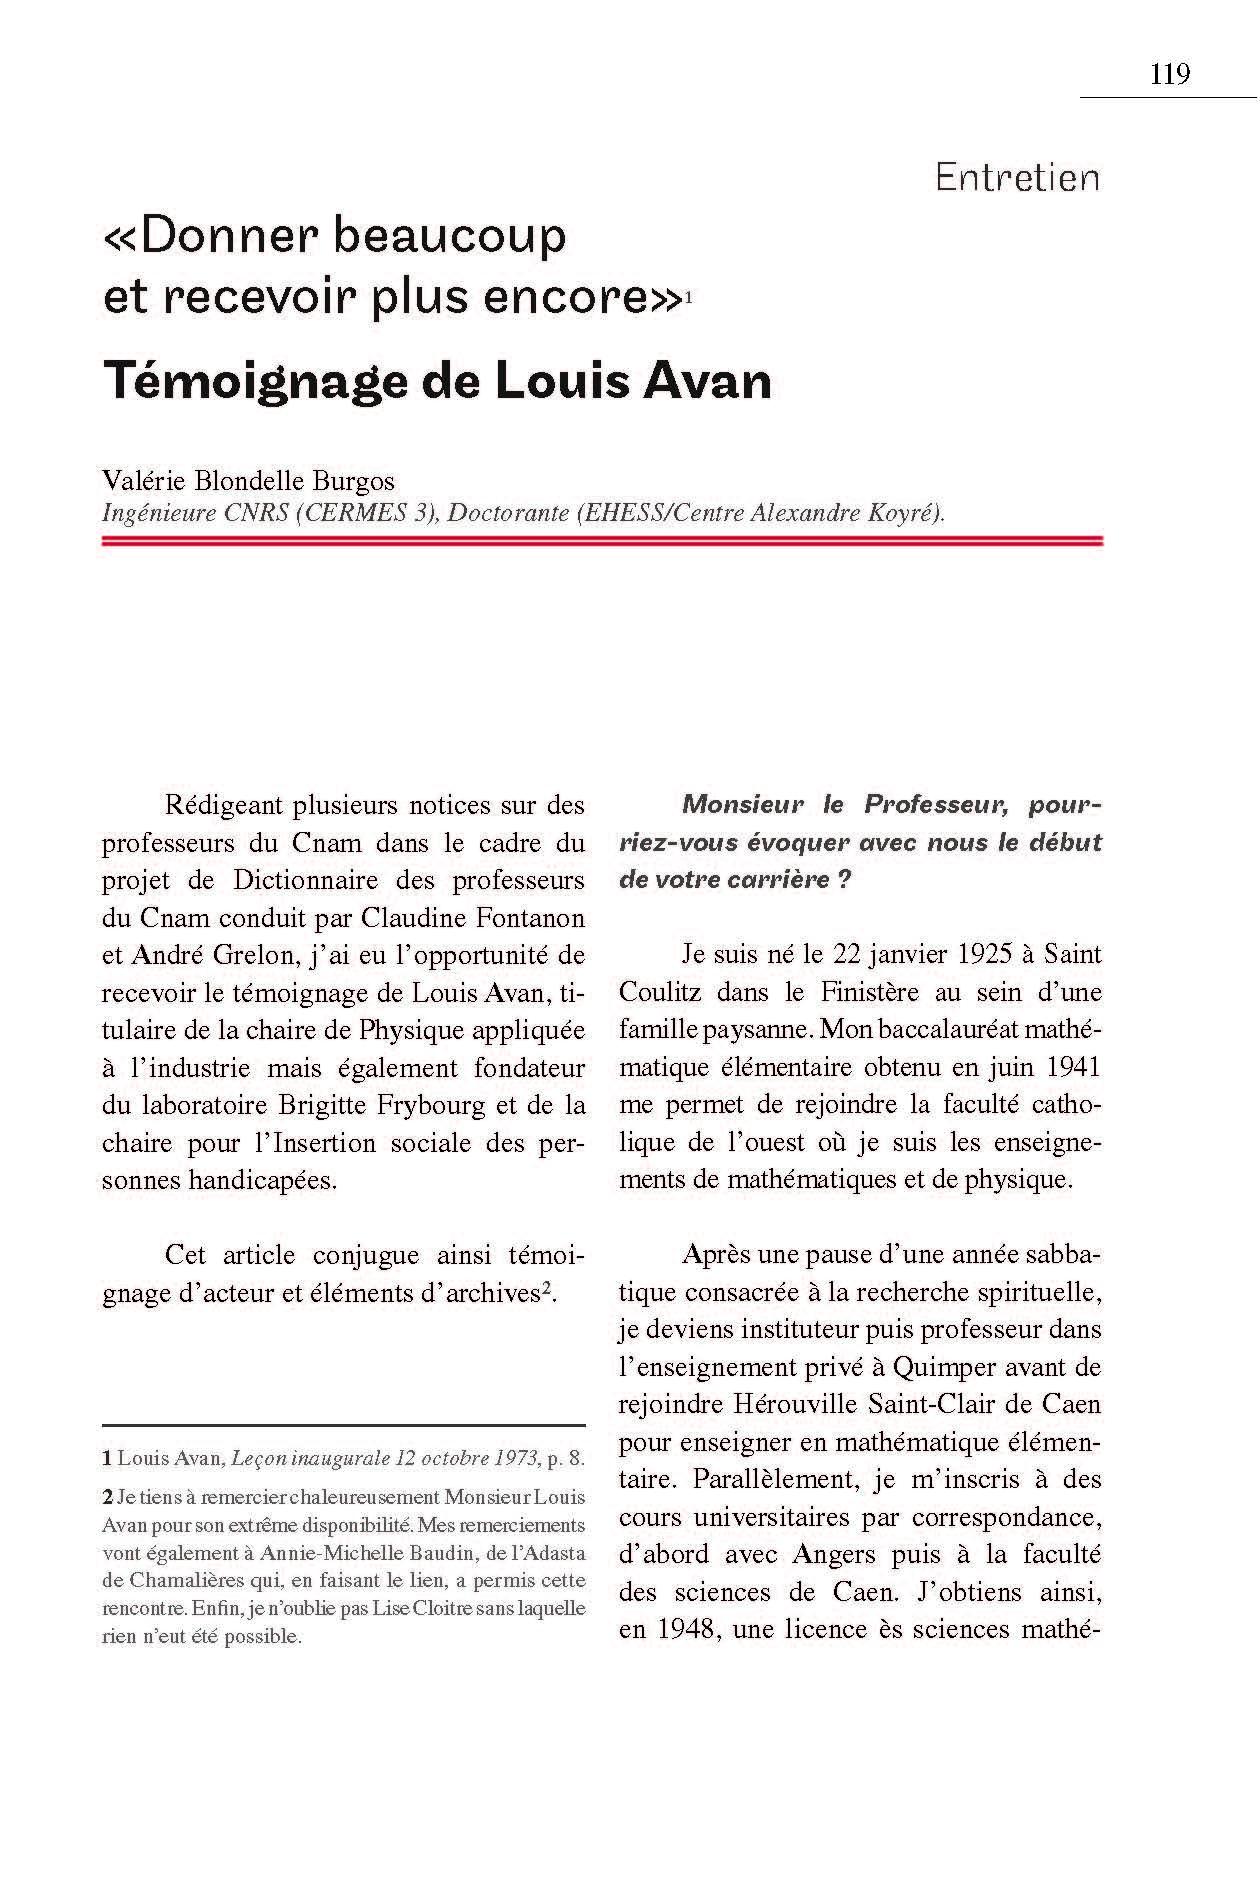 Pages de Pages de chc4-2015-2